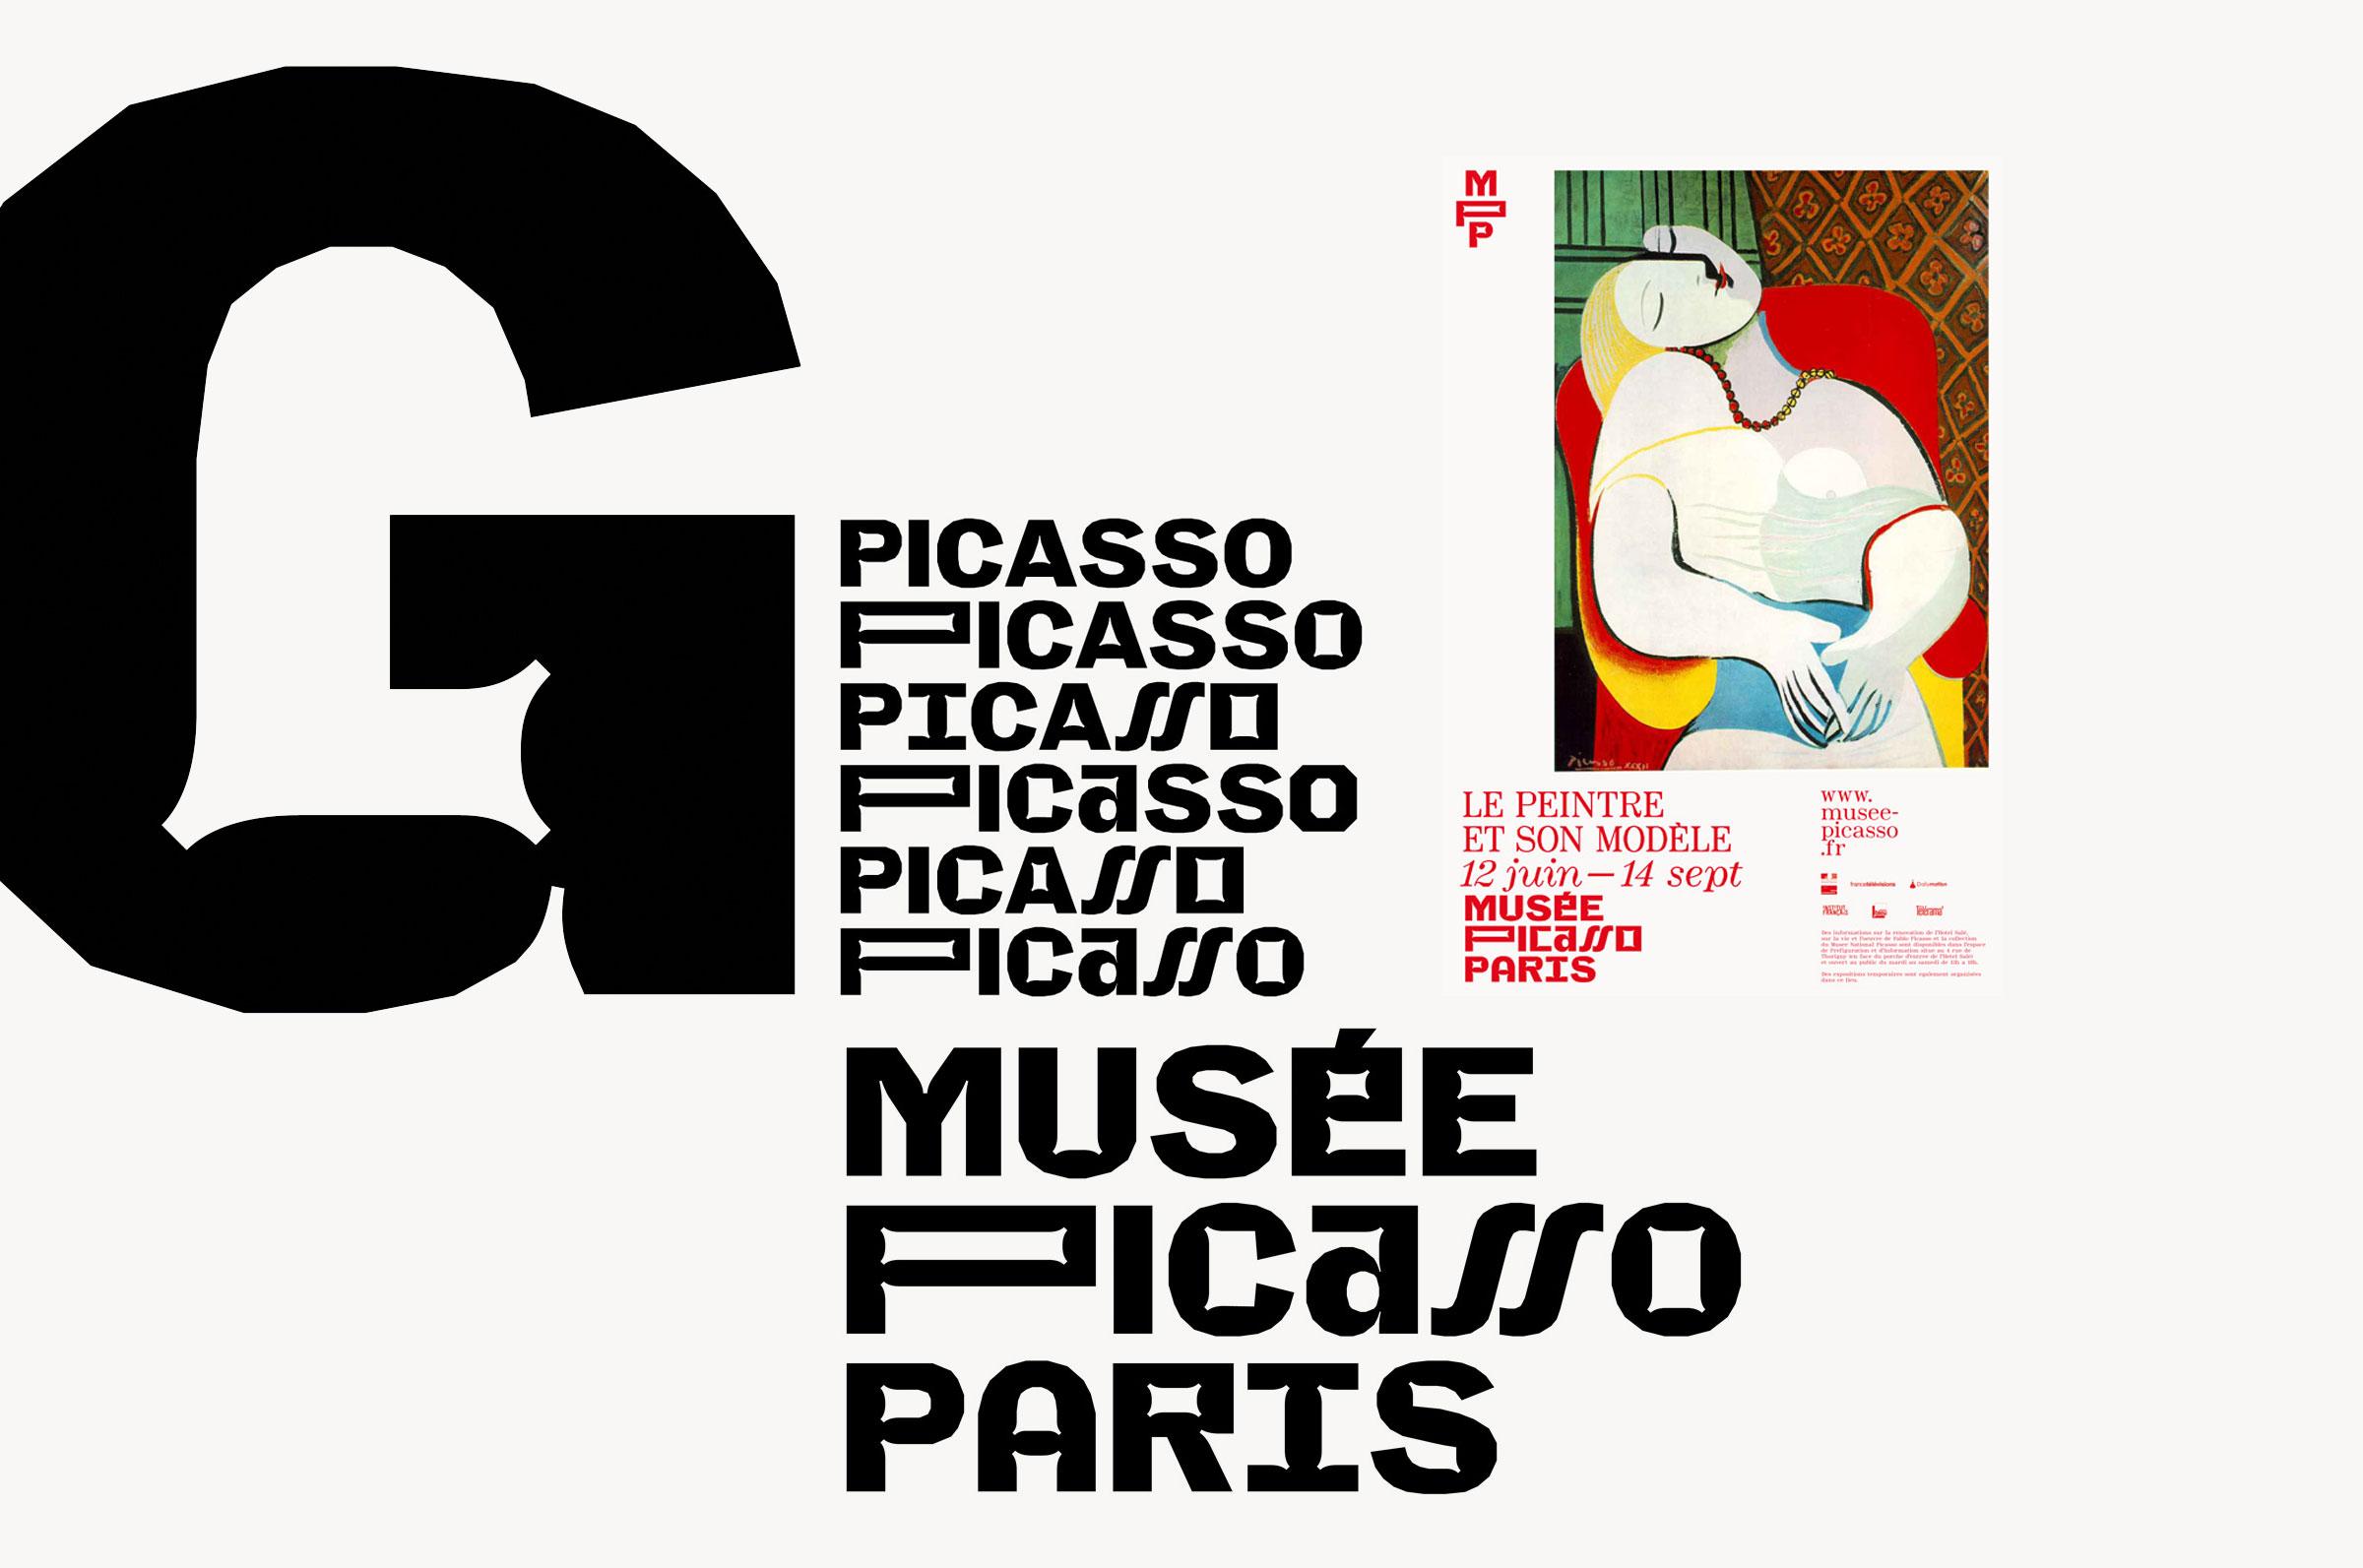 julien-lelievre-musee-picasso-typographie-identite-interview-index-grafik